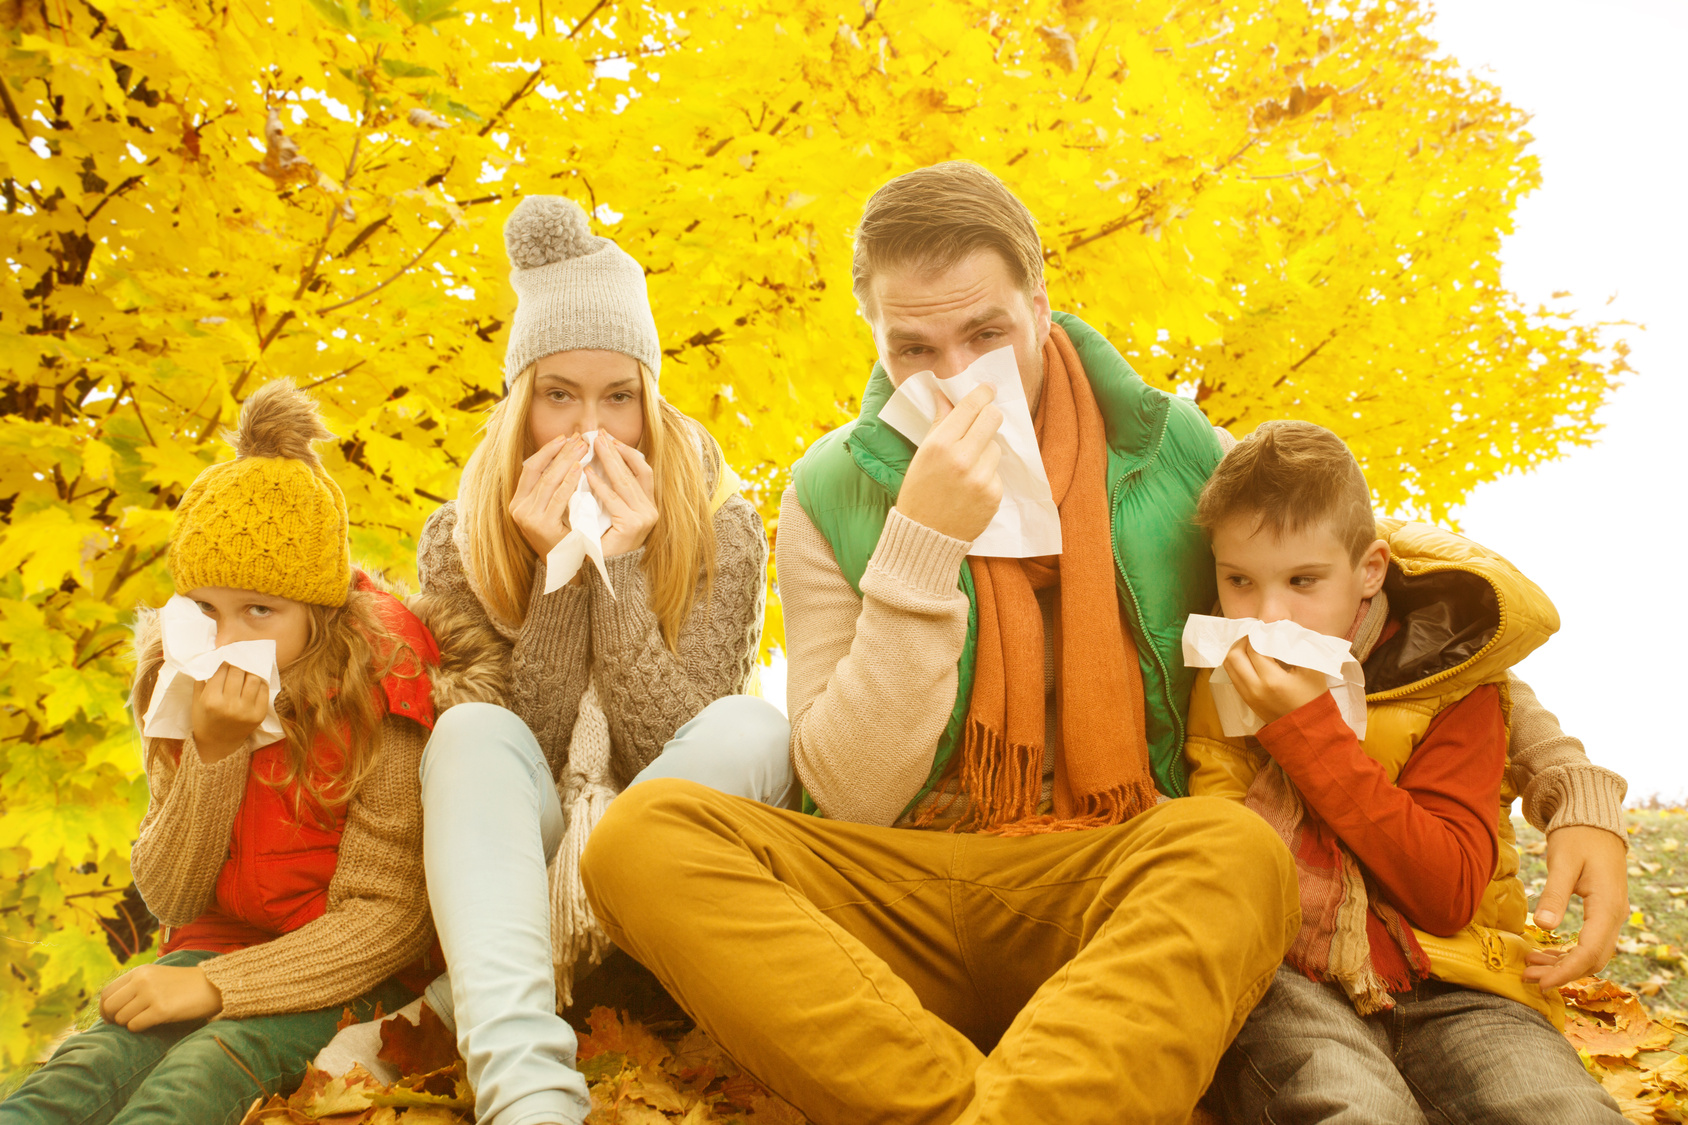 La gran capacidad de mutación del virus de la gripe hace que el tratamiento farmacológico para esta patología sea un asunto complejo, reservándose el tratamiento causal para los casos más severos y en general en el ámbito hospitalario. En la práctica, el tratamiento de la gripe en los centros de salud de Atención Primaria suele ser sintomático, existiendo limitaciones por razón de edad, embarazo o enfermedades de base que contraindican algunos medicamentos antigripales, en especial cuando estos se adquieren por el enfermo o un familiar en la farmacia sin una previa consulta médica al médico o farmacéutico, lo que puede dar lugar a utilizar fármacos que pueden interaccionar con los que ya toman o incluso empeorar las patologías ya existentes